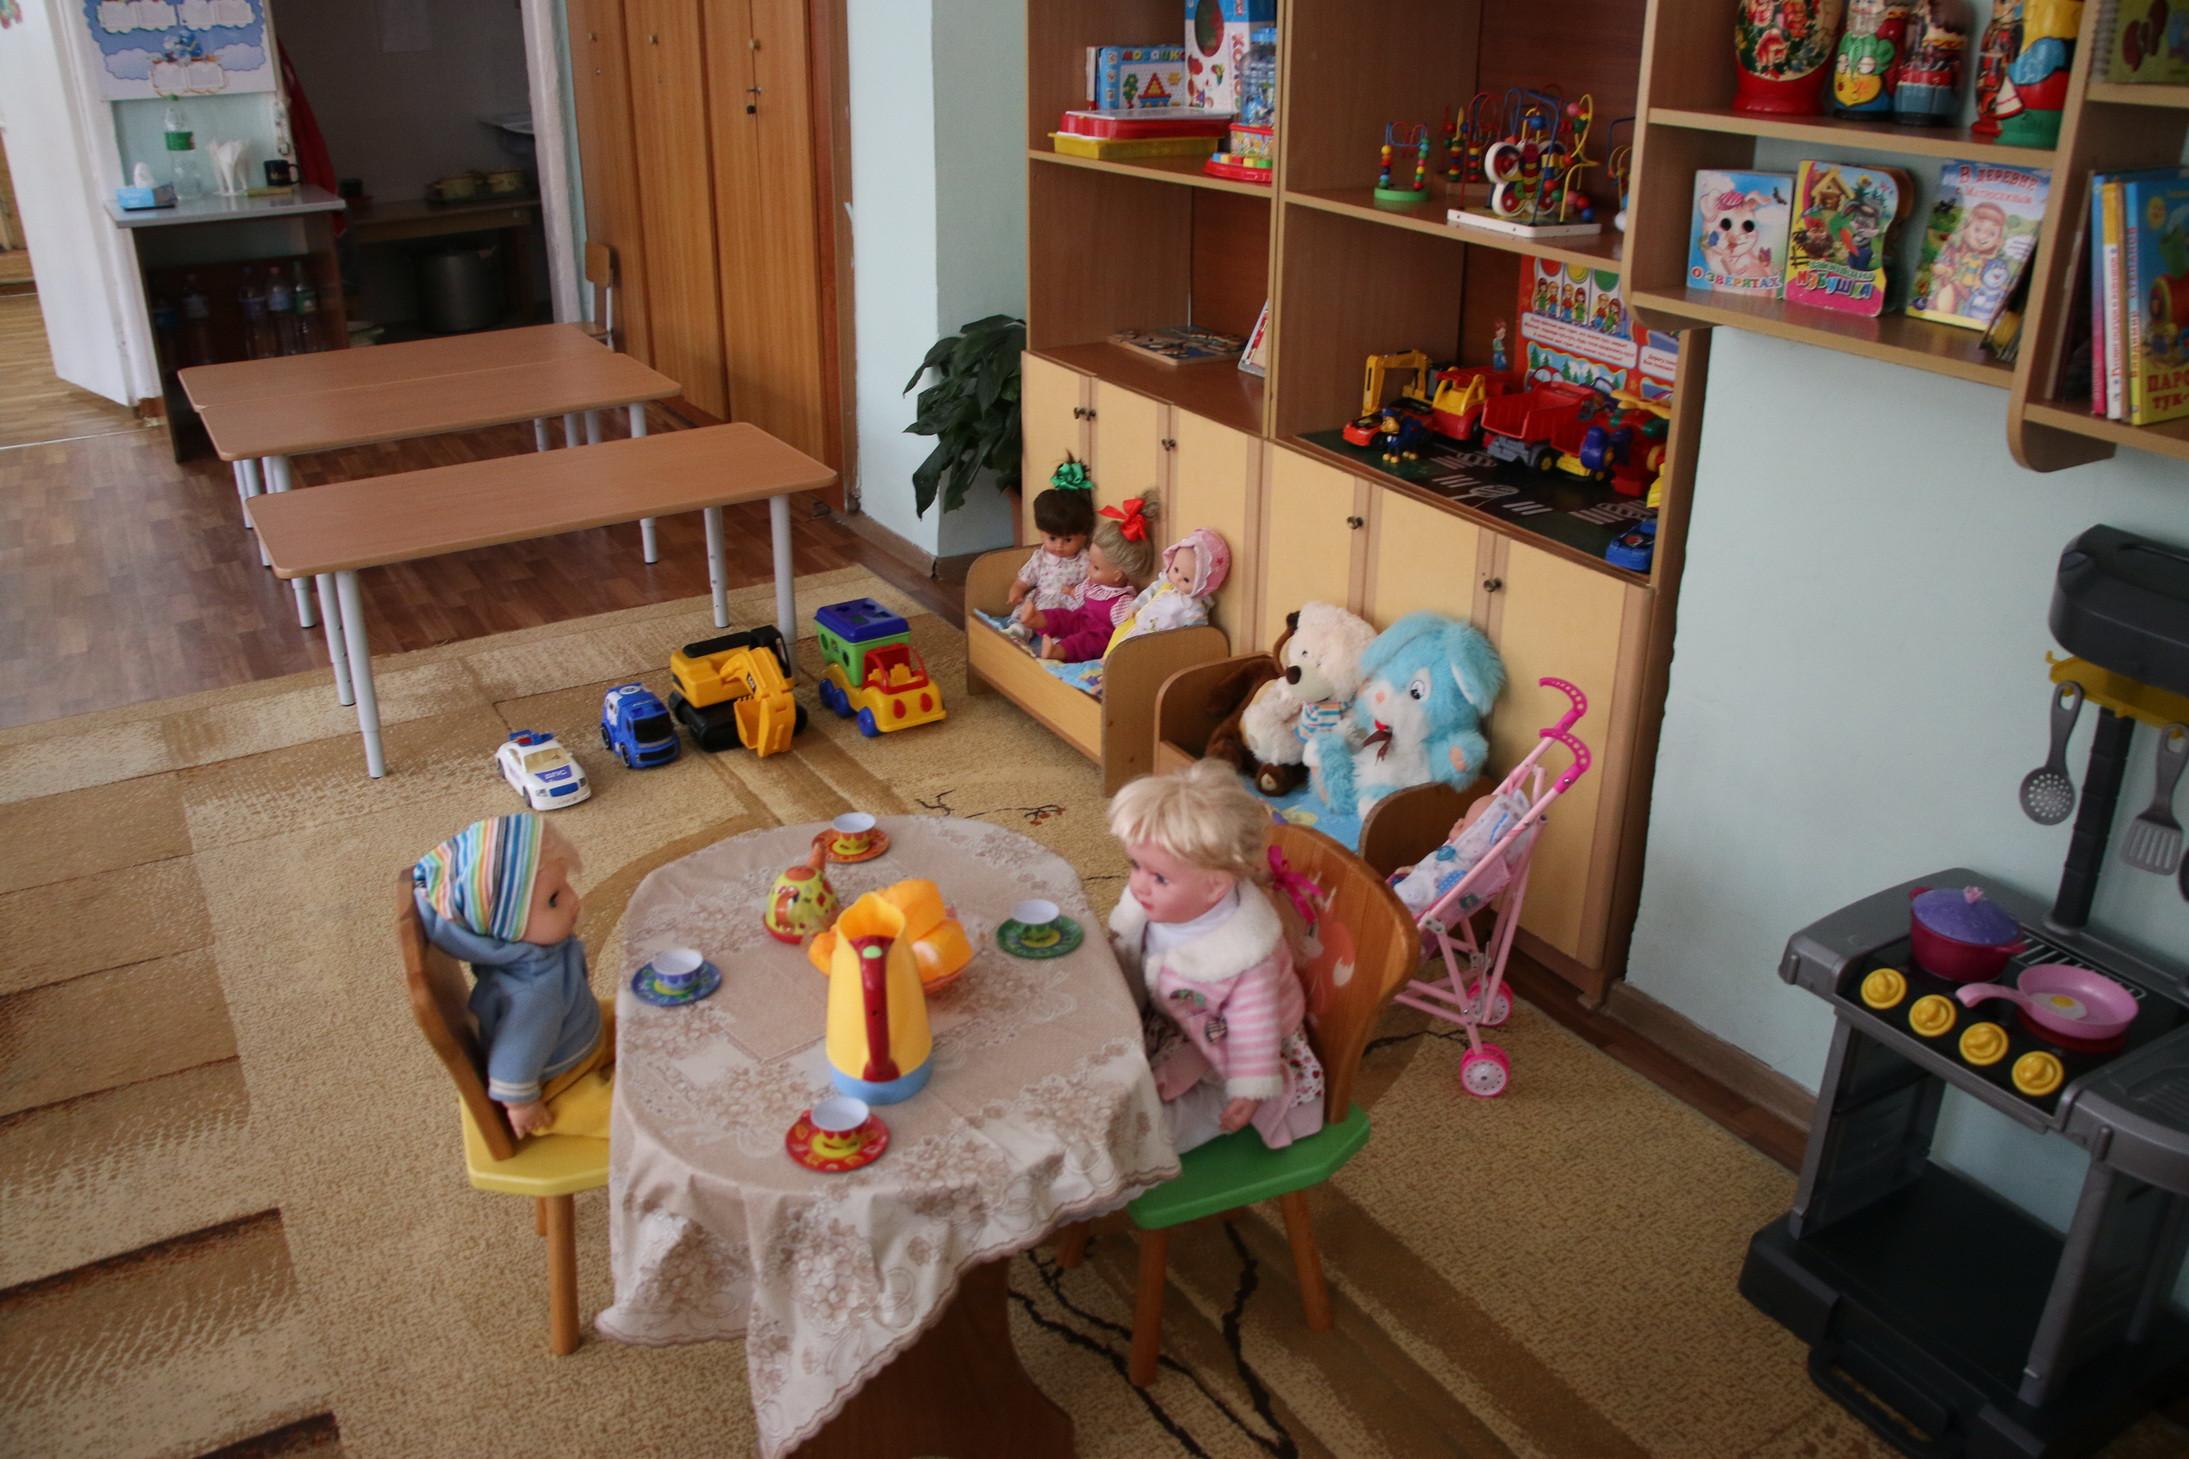 Детсадовцев эвакуируют во Владивостоке из-за сообщения о пожаре